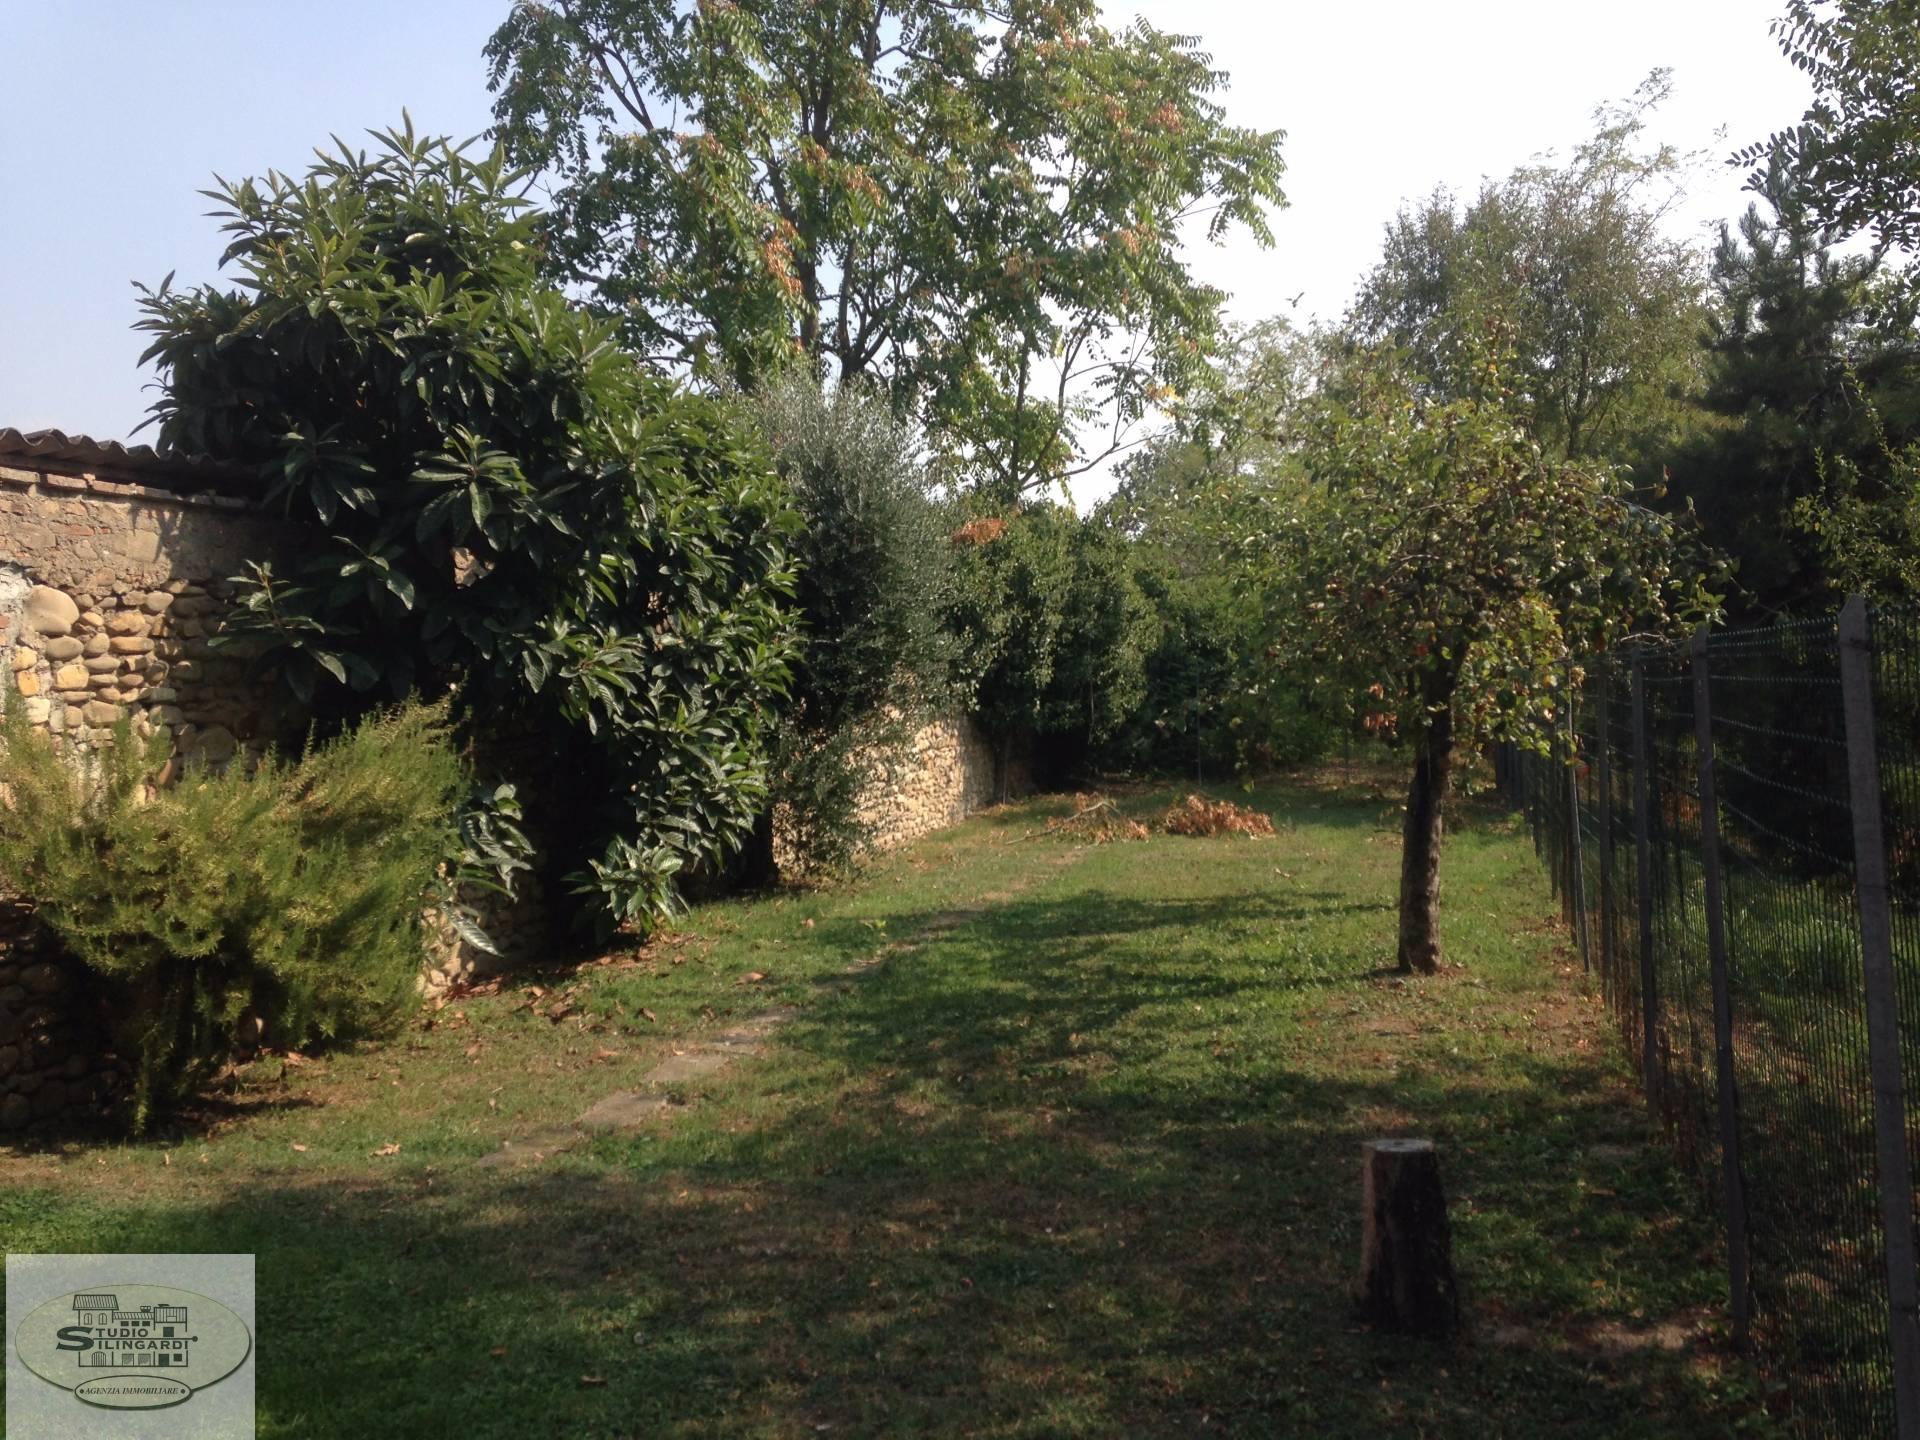 Rustico / Casale in vendita a Formigine, 9 locali, zona Zona: Magreta, prezzo € 200.000 | CambioCasa.it